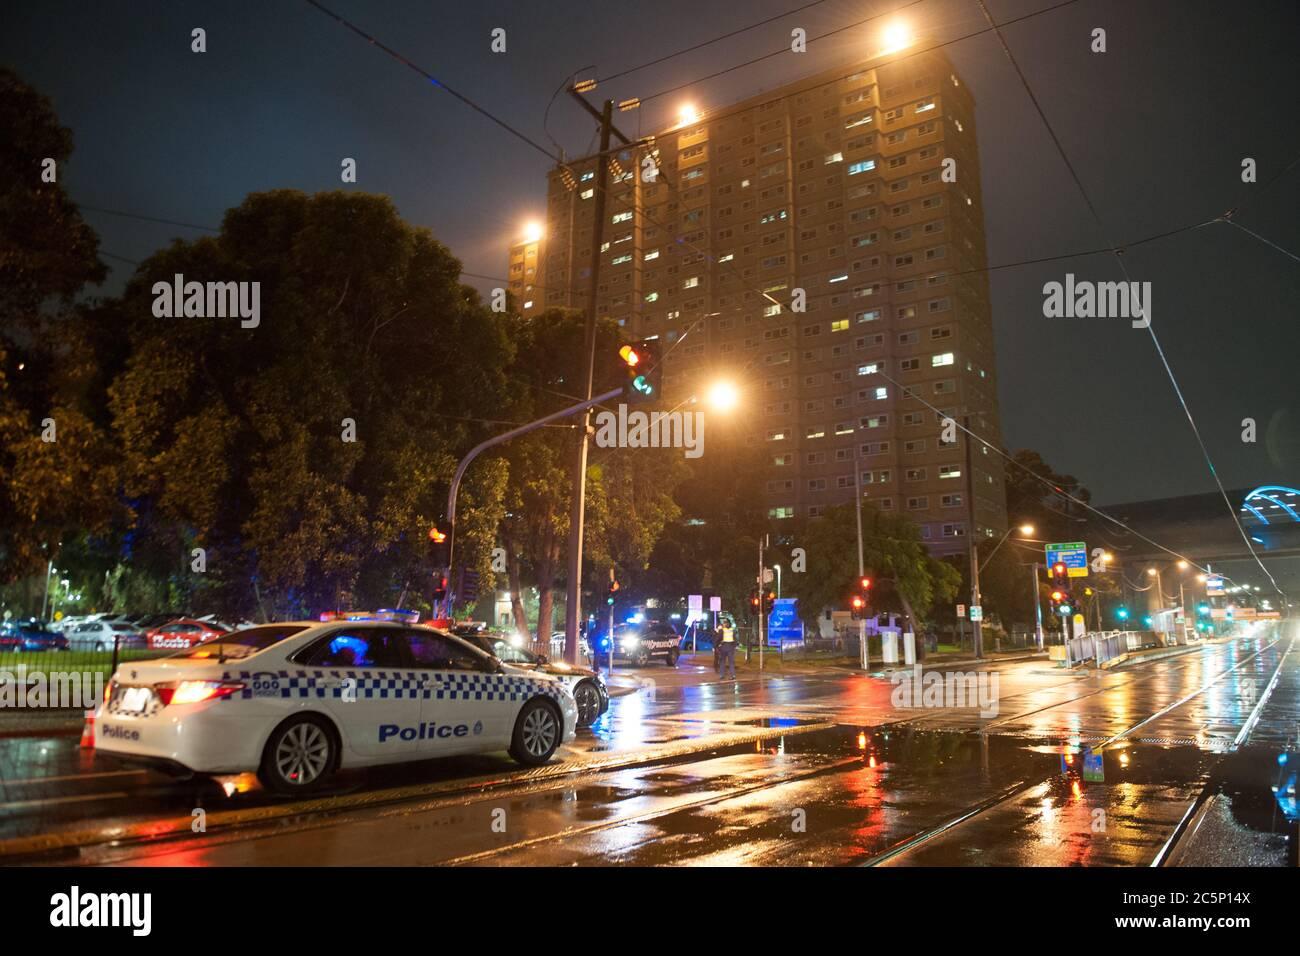 Melbourne, Australia. 04 de julio de 2020 500 la policía de Victoria toma el control de los pisos de viviendas públicas y sus 3000 residentes en Flemington, Australia el sábado por la noche como parte de un cierre del gobierno estatal victoriano Covid-19. Crédito: Michael Currie/Alamy Live News Foto de stock